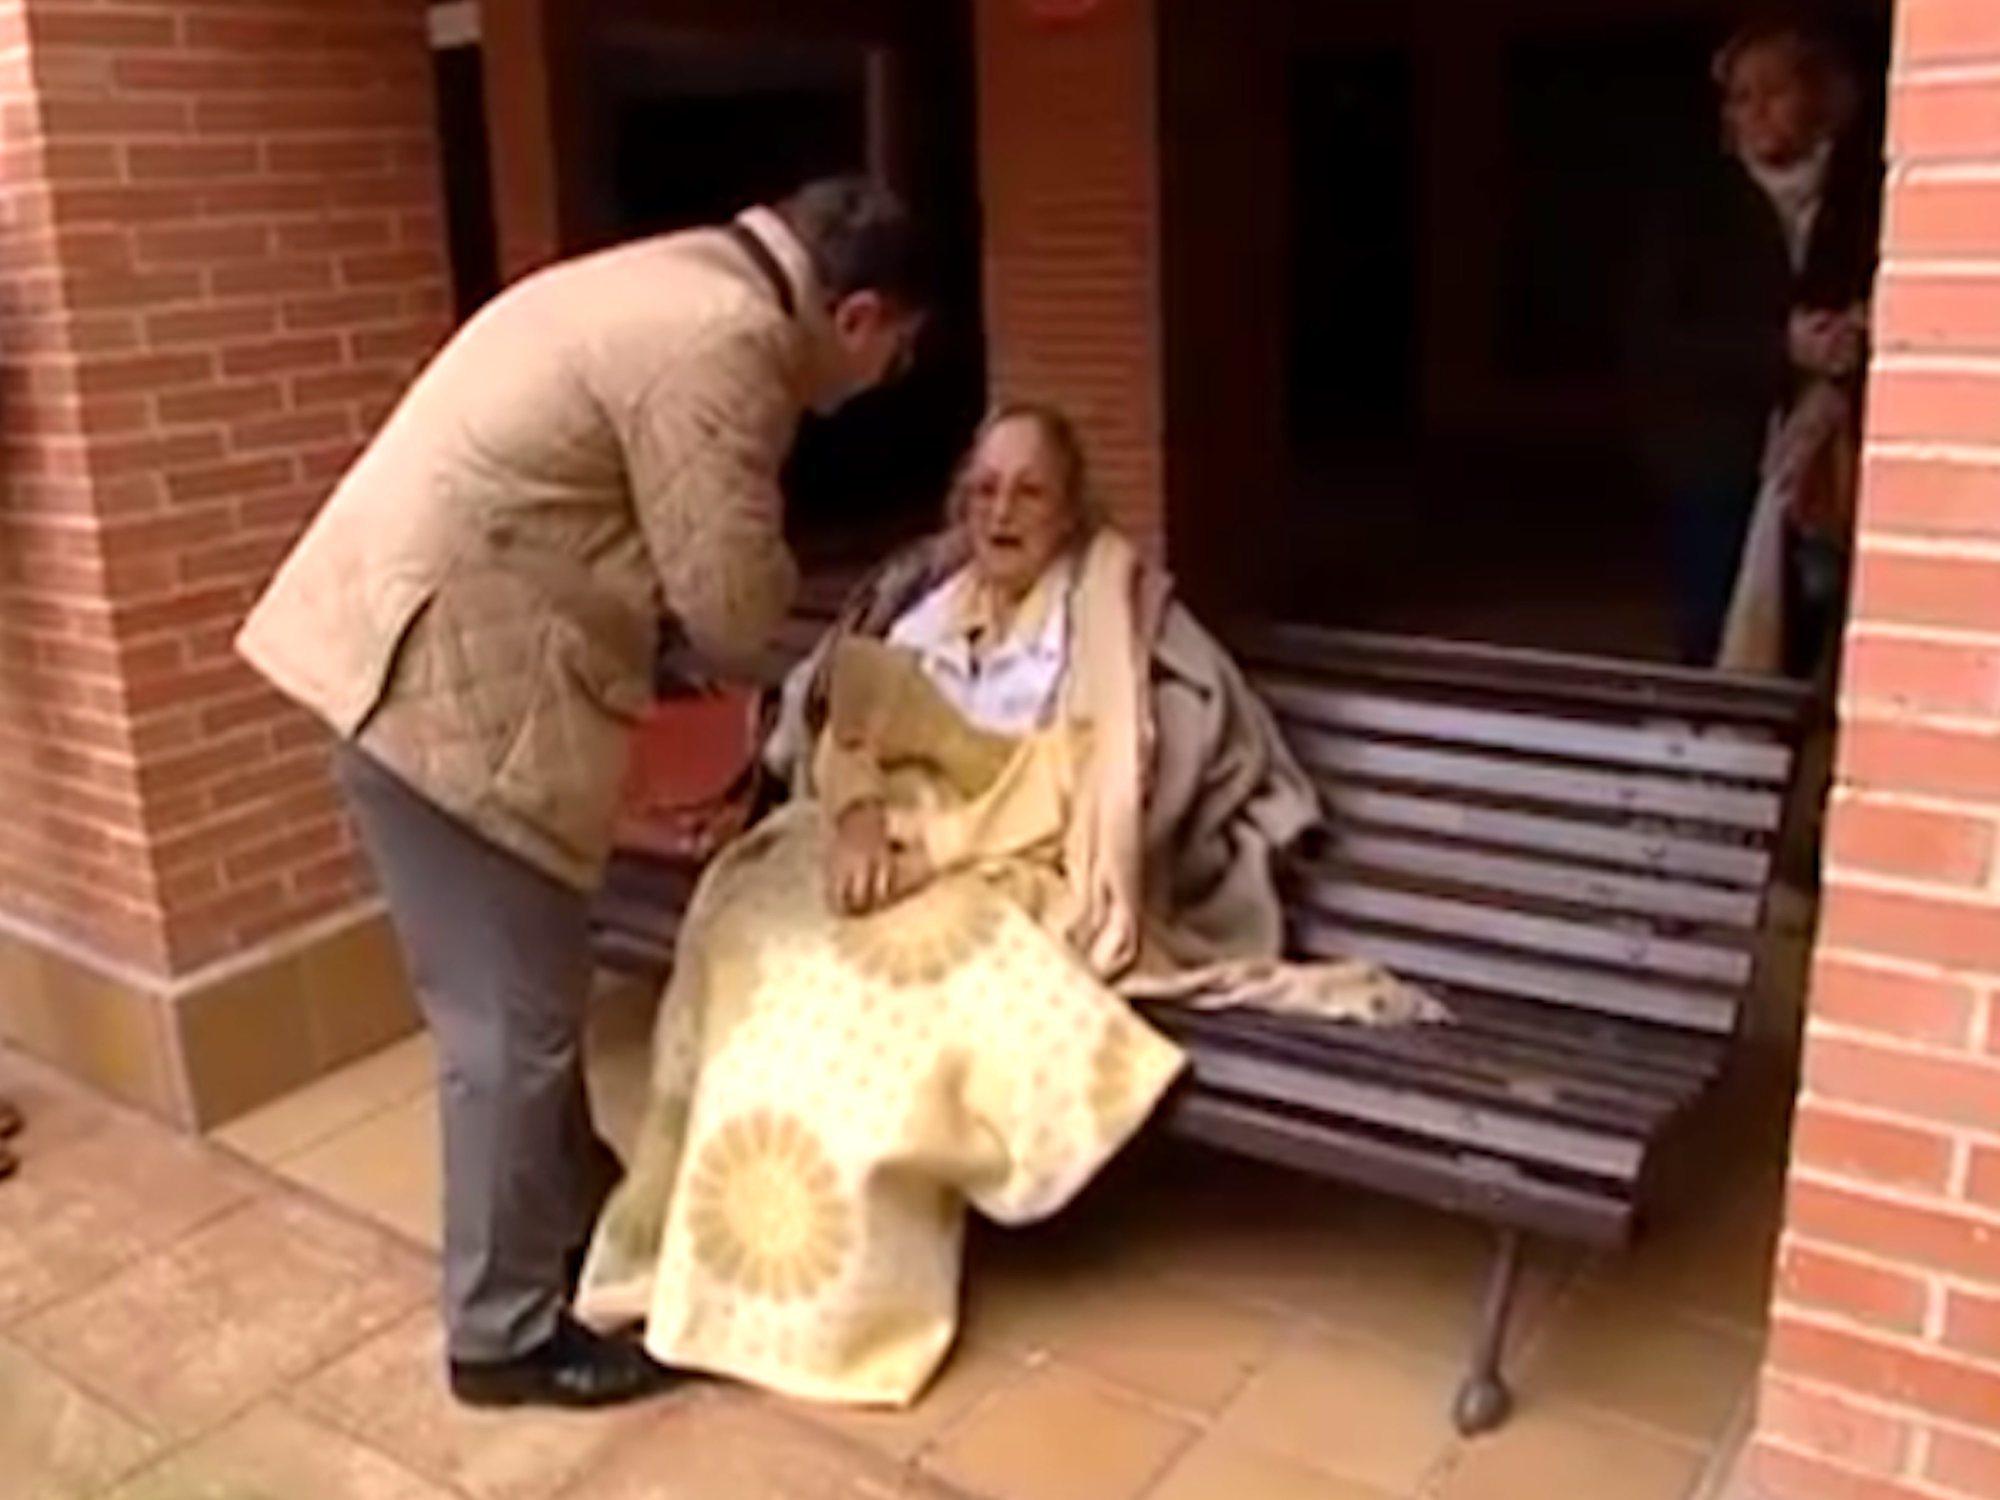 Desahuciada en Madrid a los 99 años, ingresa días después en el hospital por hipotermia